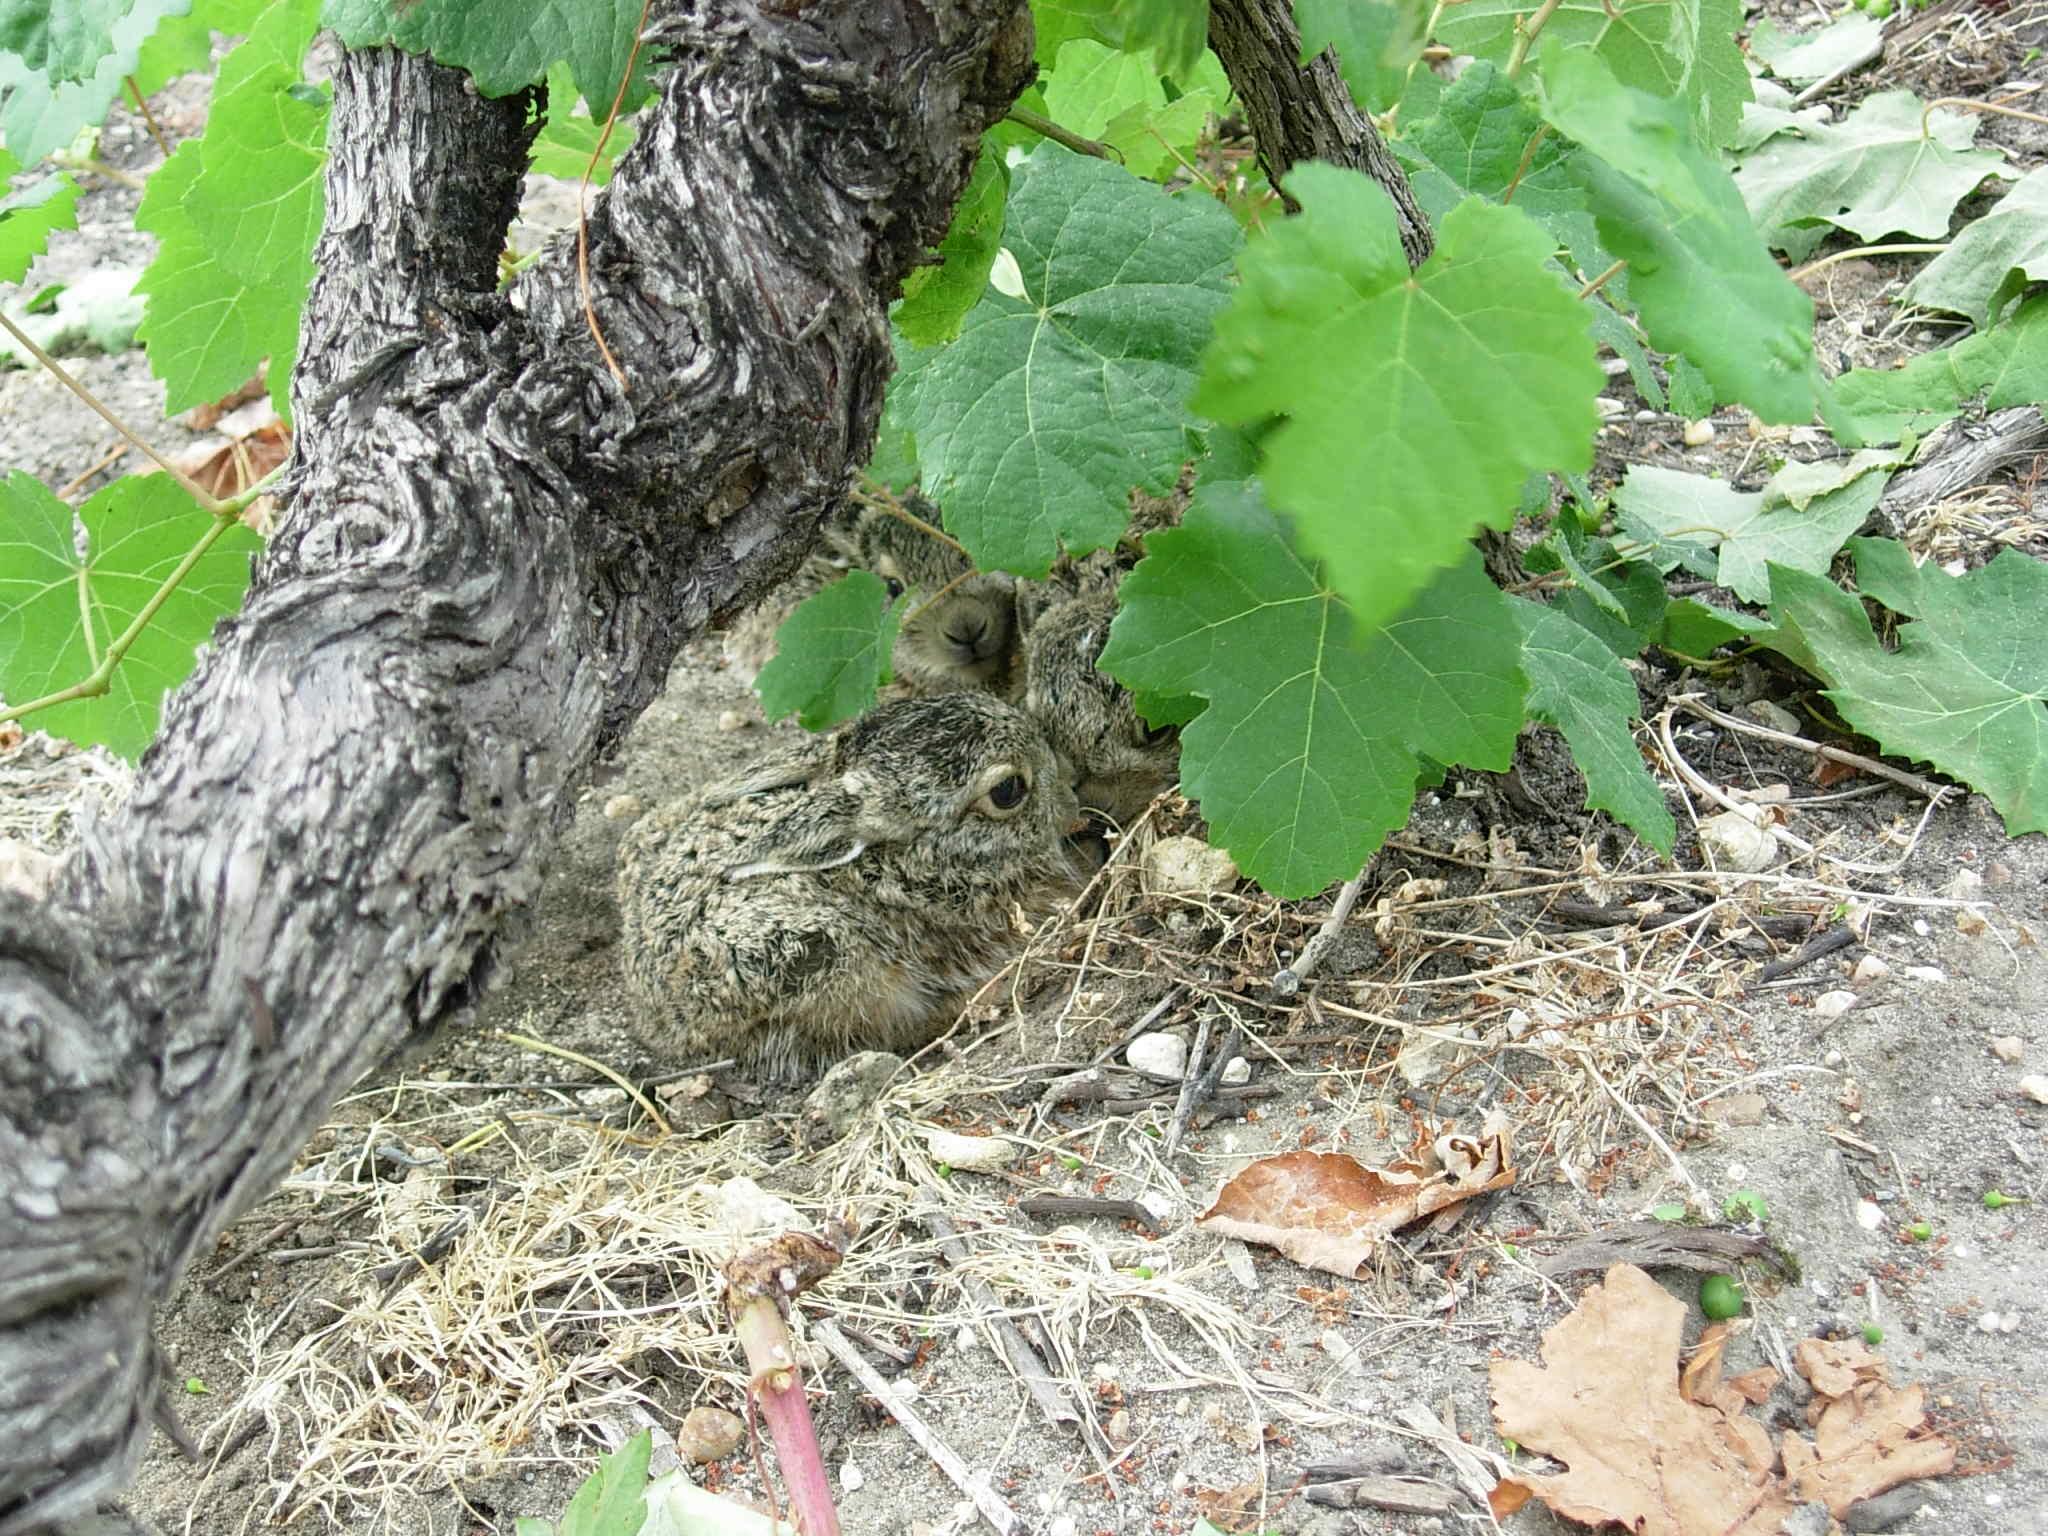 Château Granins Grand Poujeaux - Nichée de lapins 2